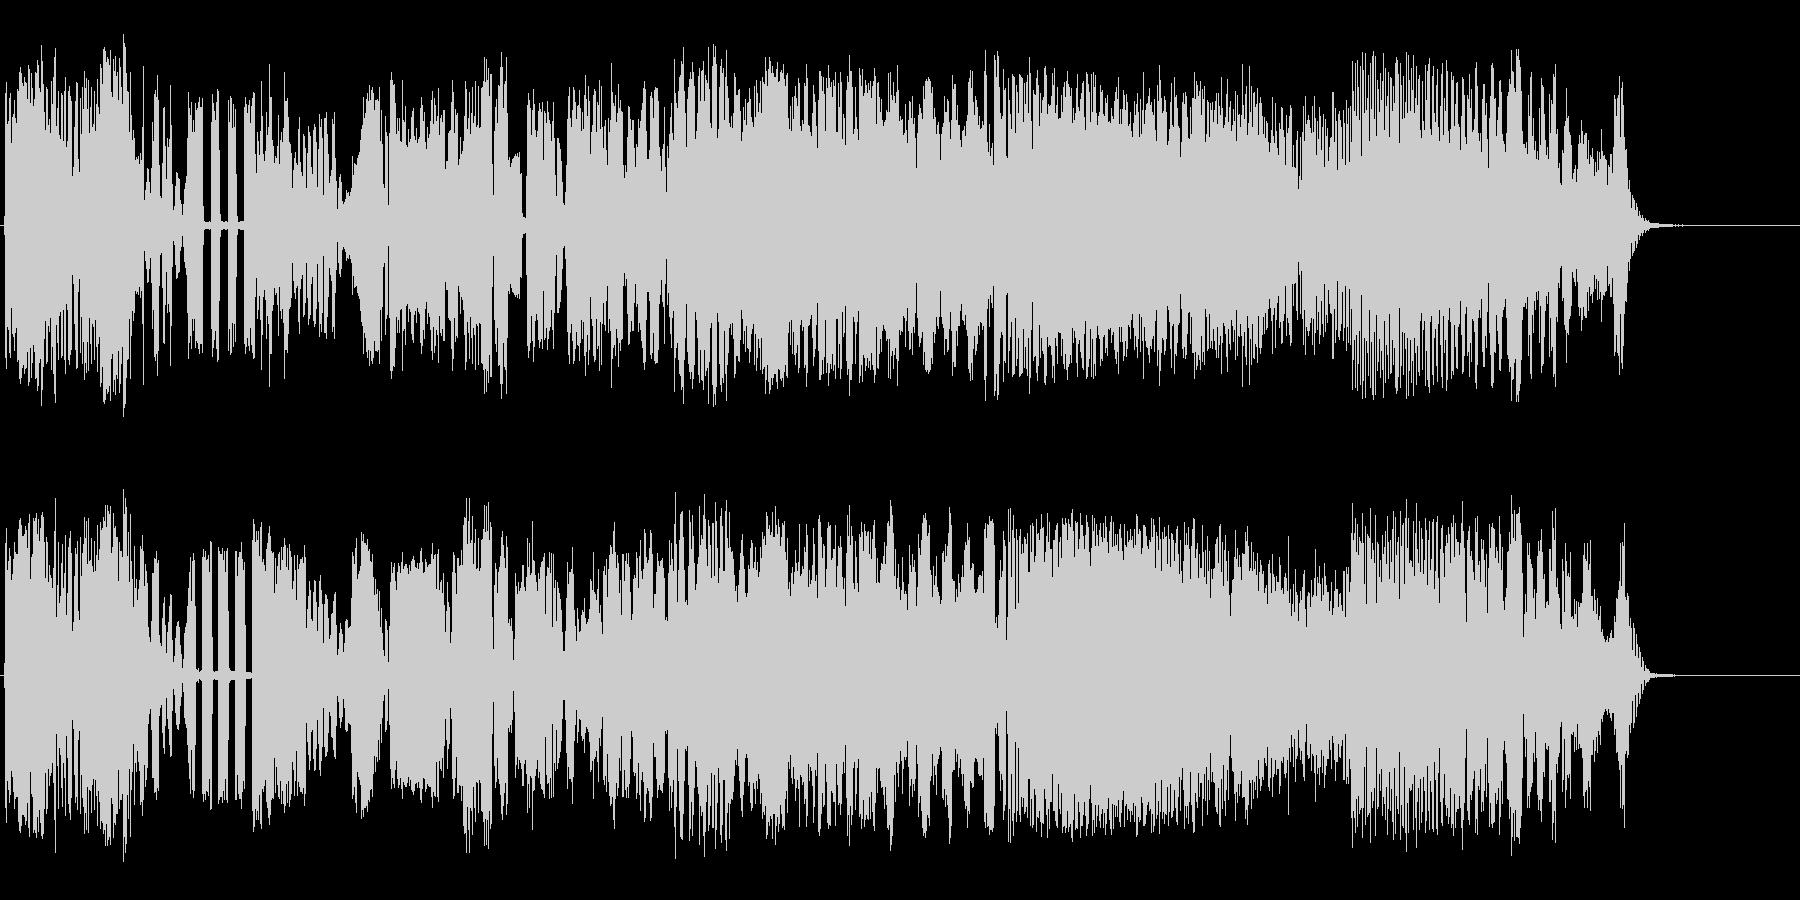 信号の衝突の未再生の波形